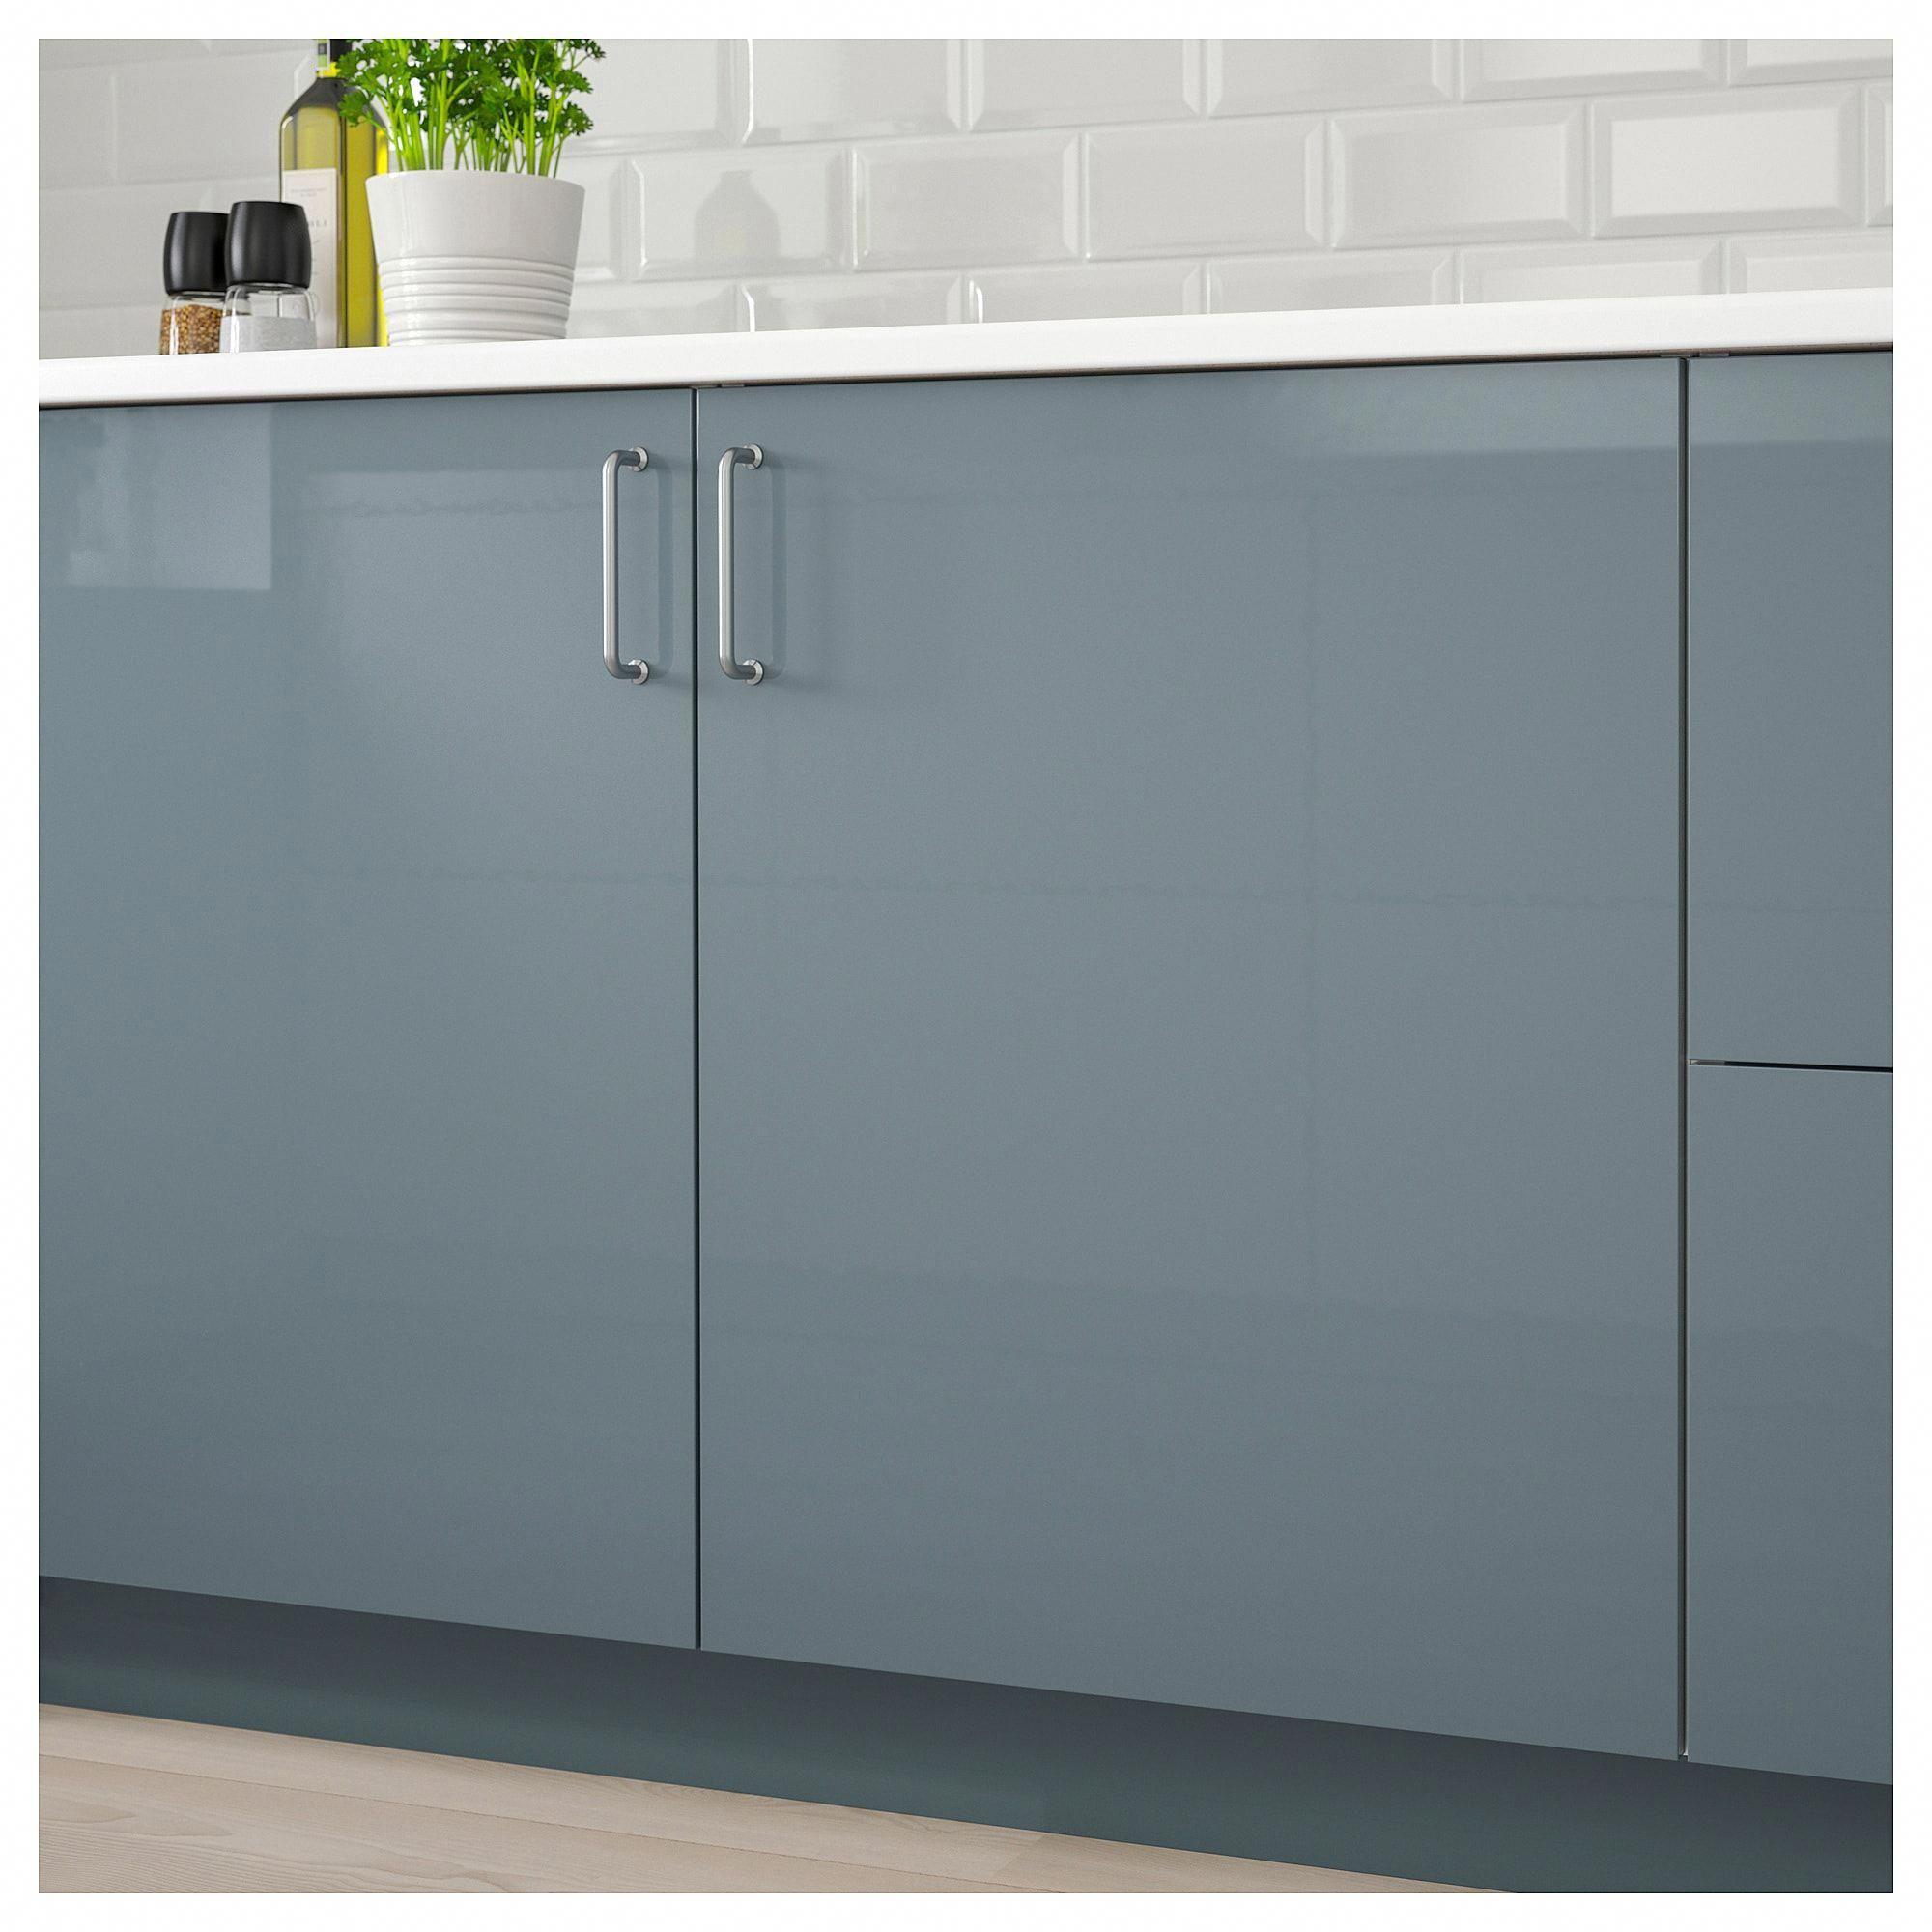 Best Ikea Kallarp High Gloss Gray Turquoise Door Graykitchen 640 x 480